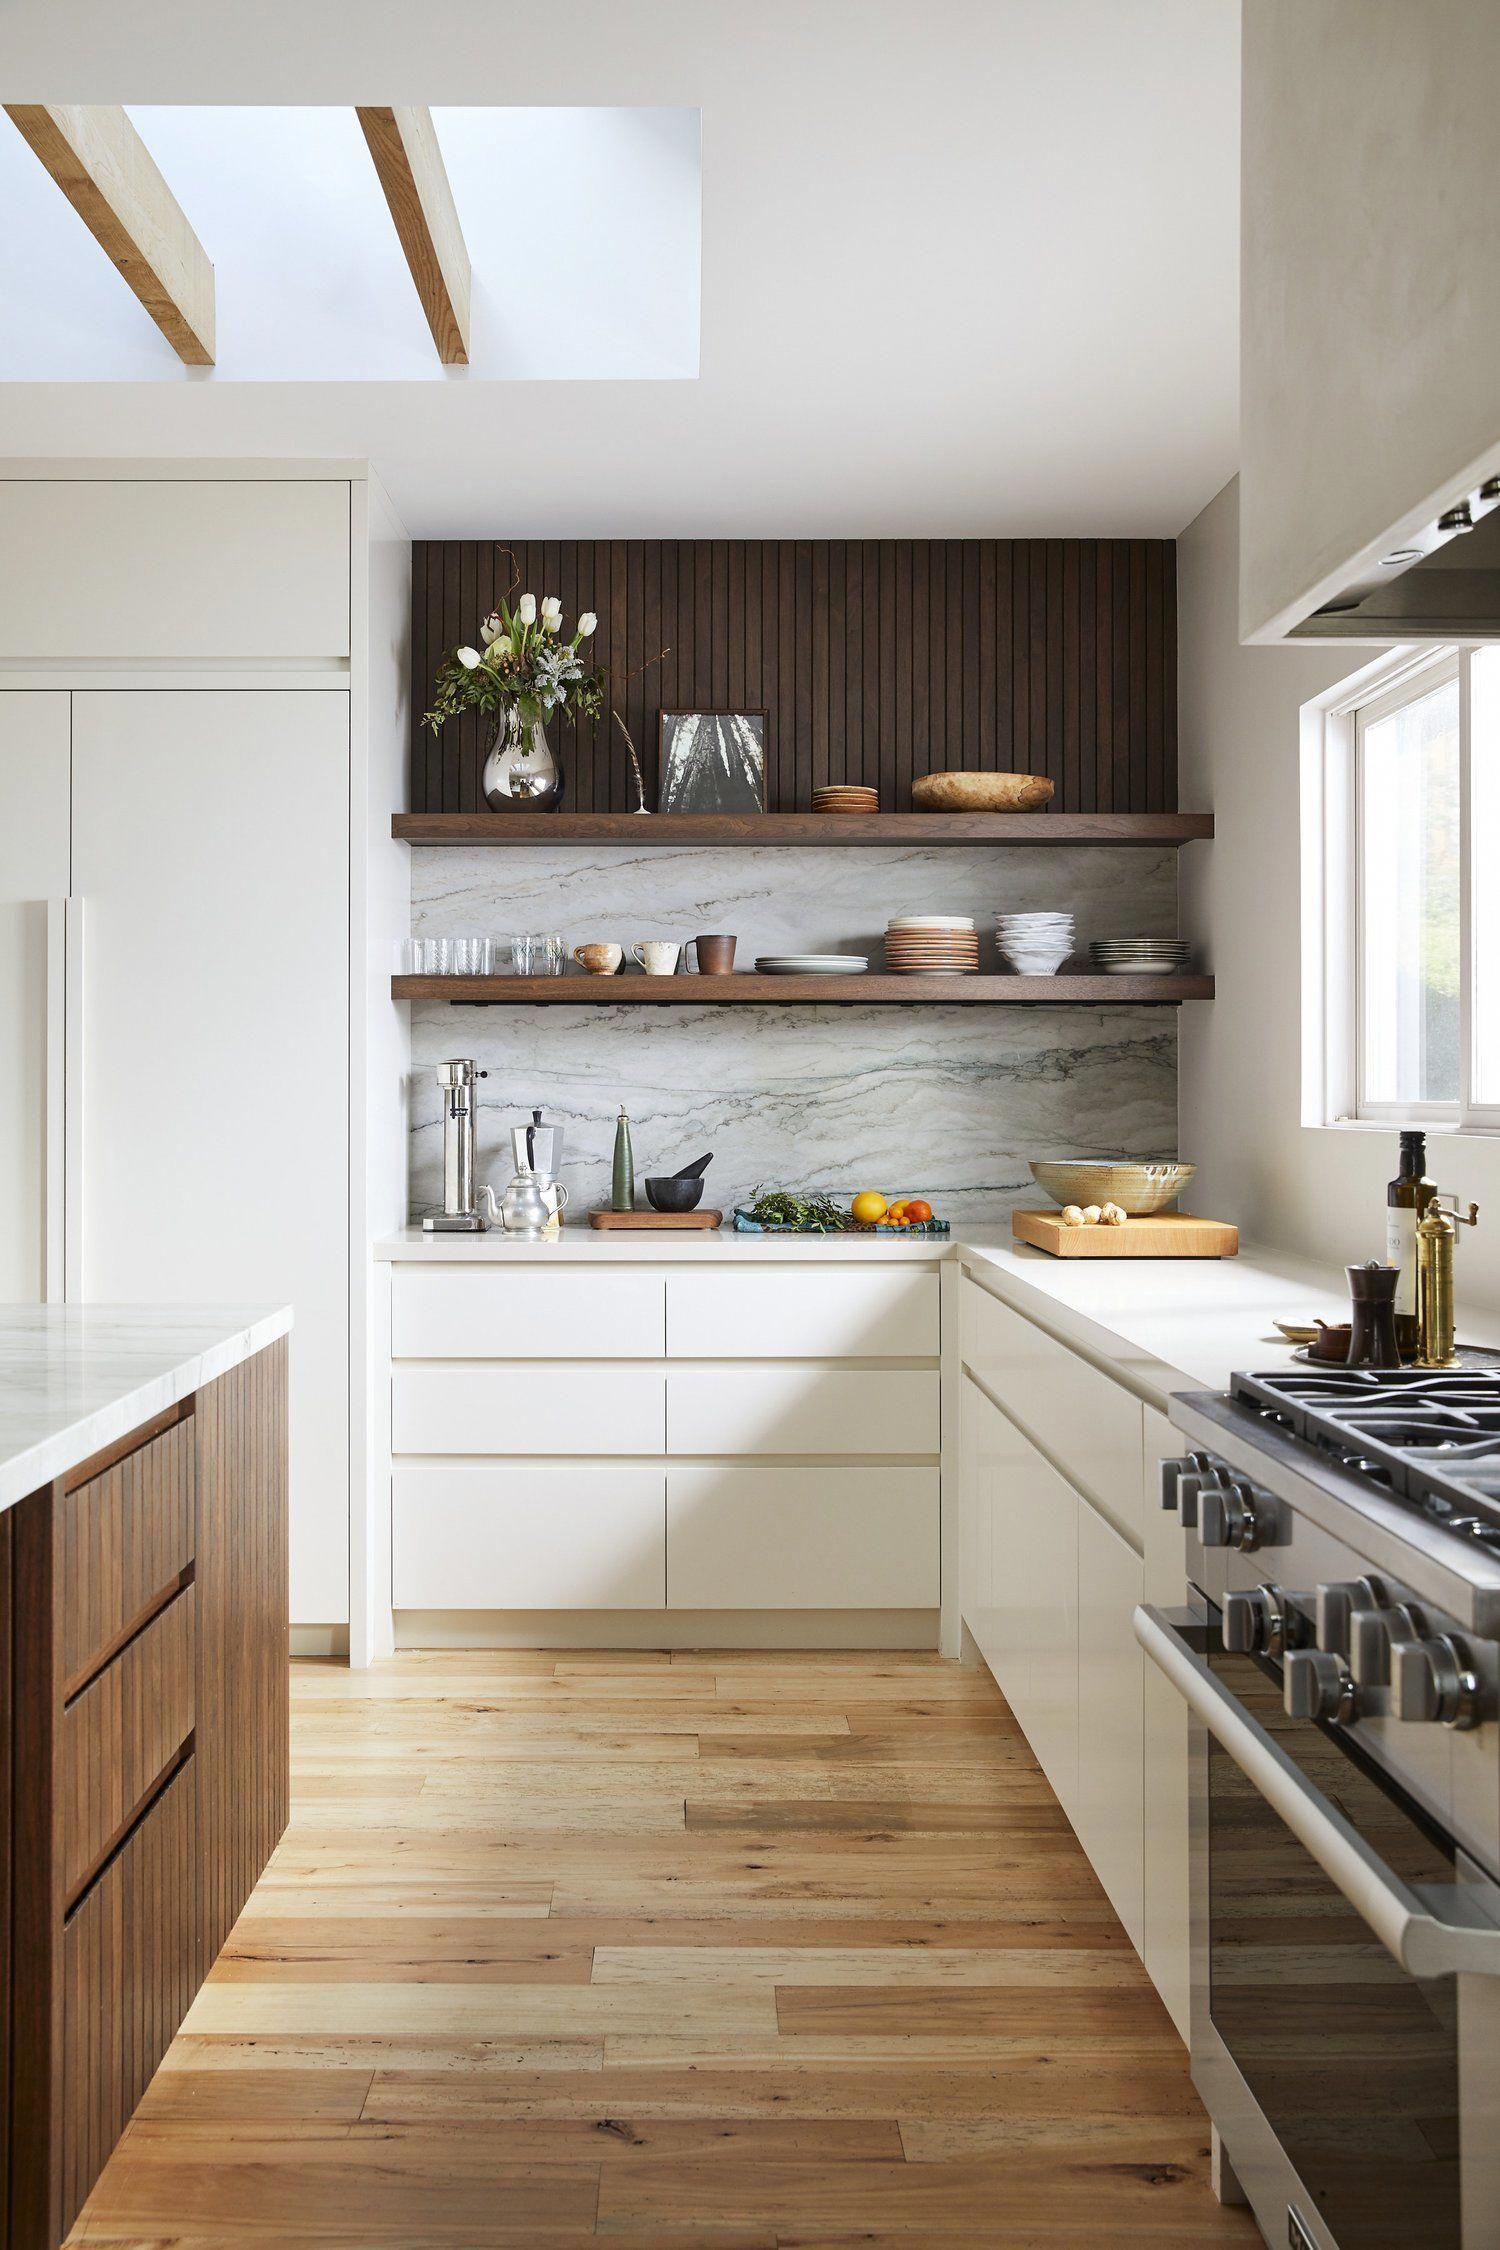 White Kitchen Cabinets Marble Kitchen Modern Kitchen Organic Kitchen Plaster Vent Hood Kitchen Design Open White Contemporary Kitchen Modern Kitchen Design